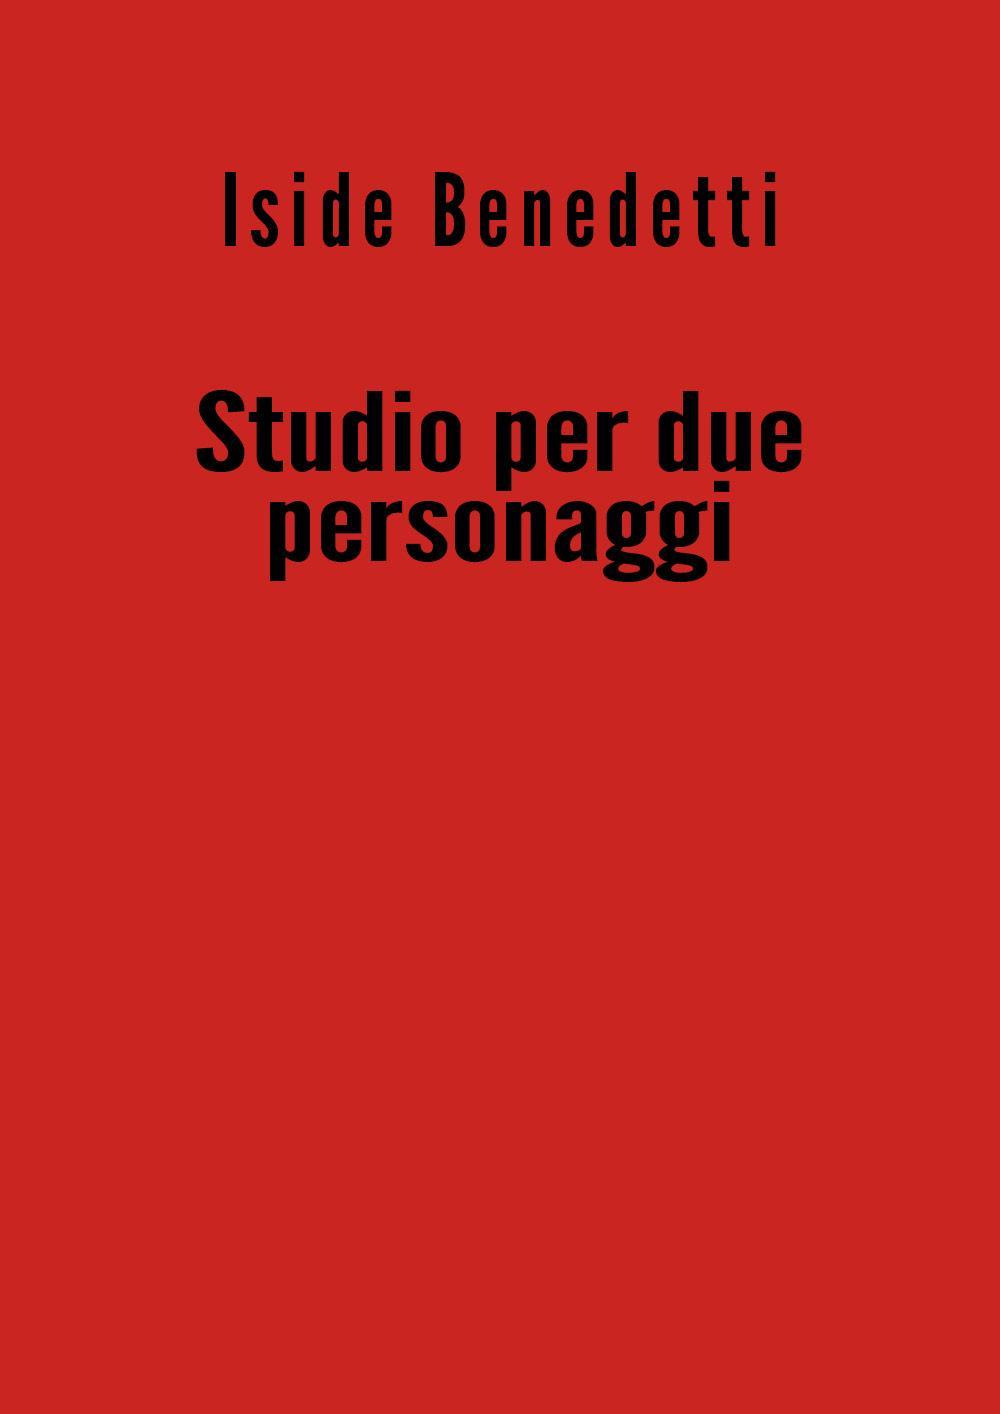 Studio per due personaggi